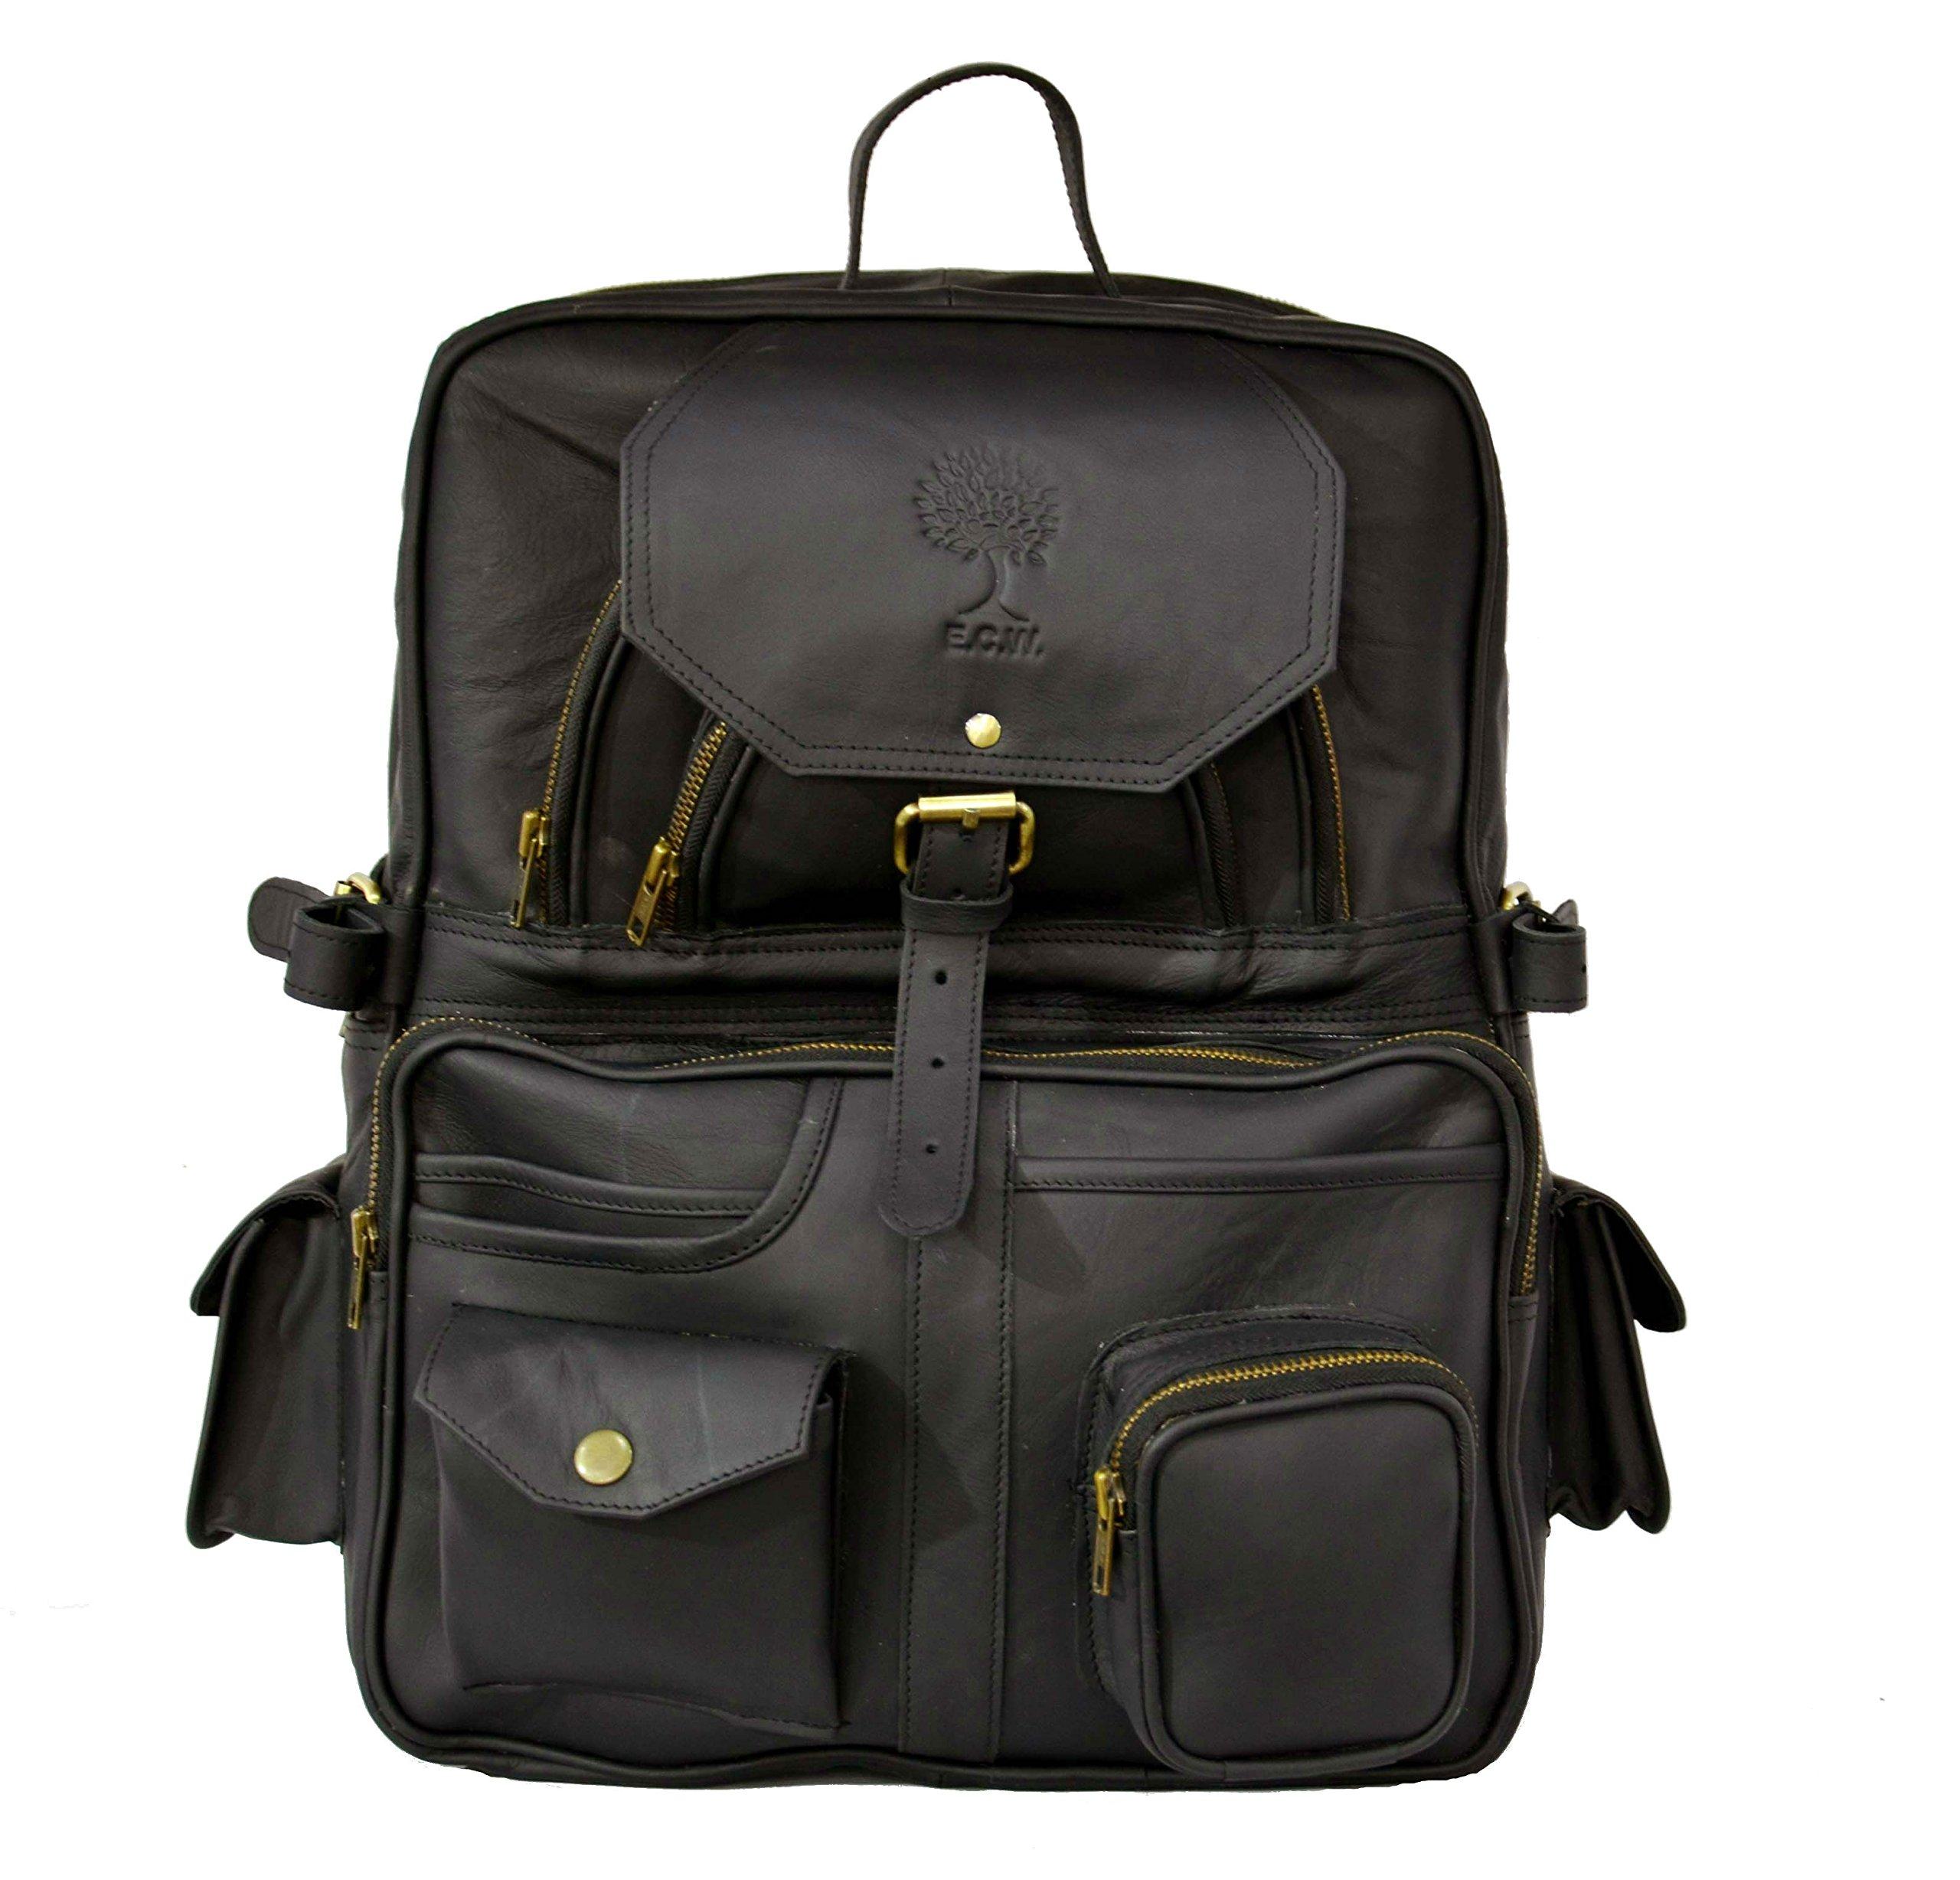 16 inch Leather Retro Rucksack Vintage Backpack College Bag, School Picnic Bag Travel (BLACK)